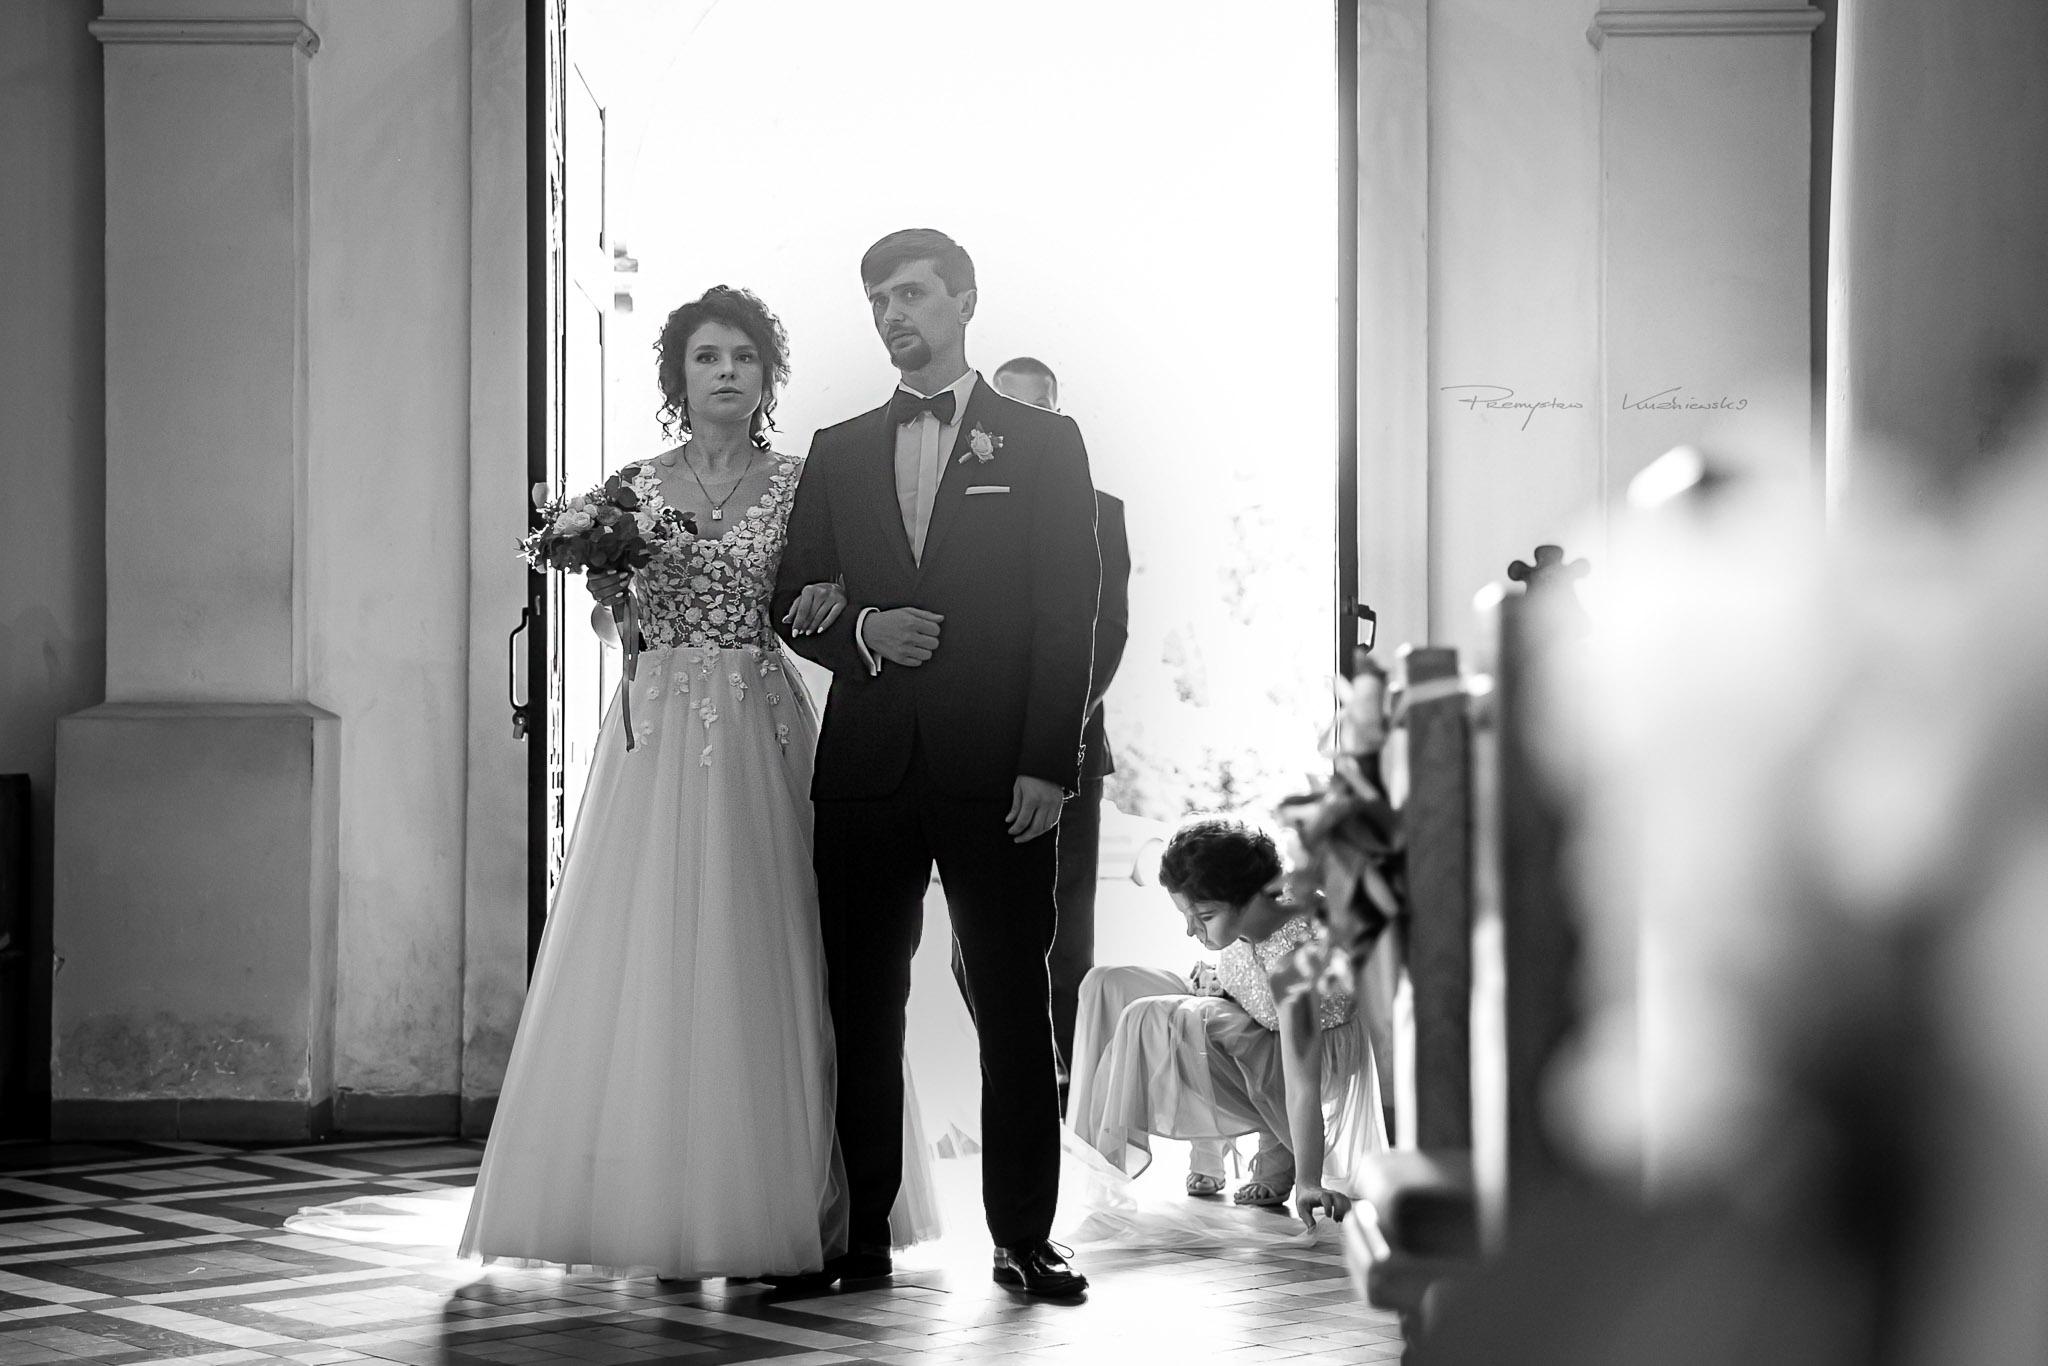 Marta i Daniel ceremonia zaslubin fotografia slubna empiriafoto pmk